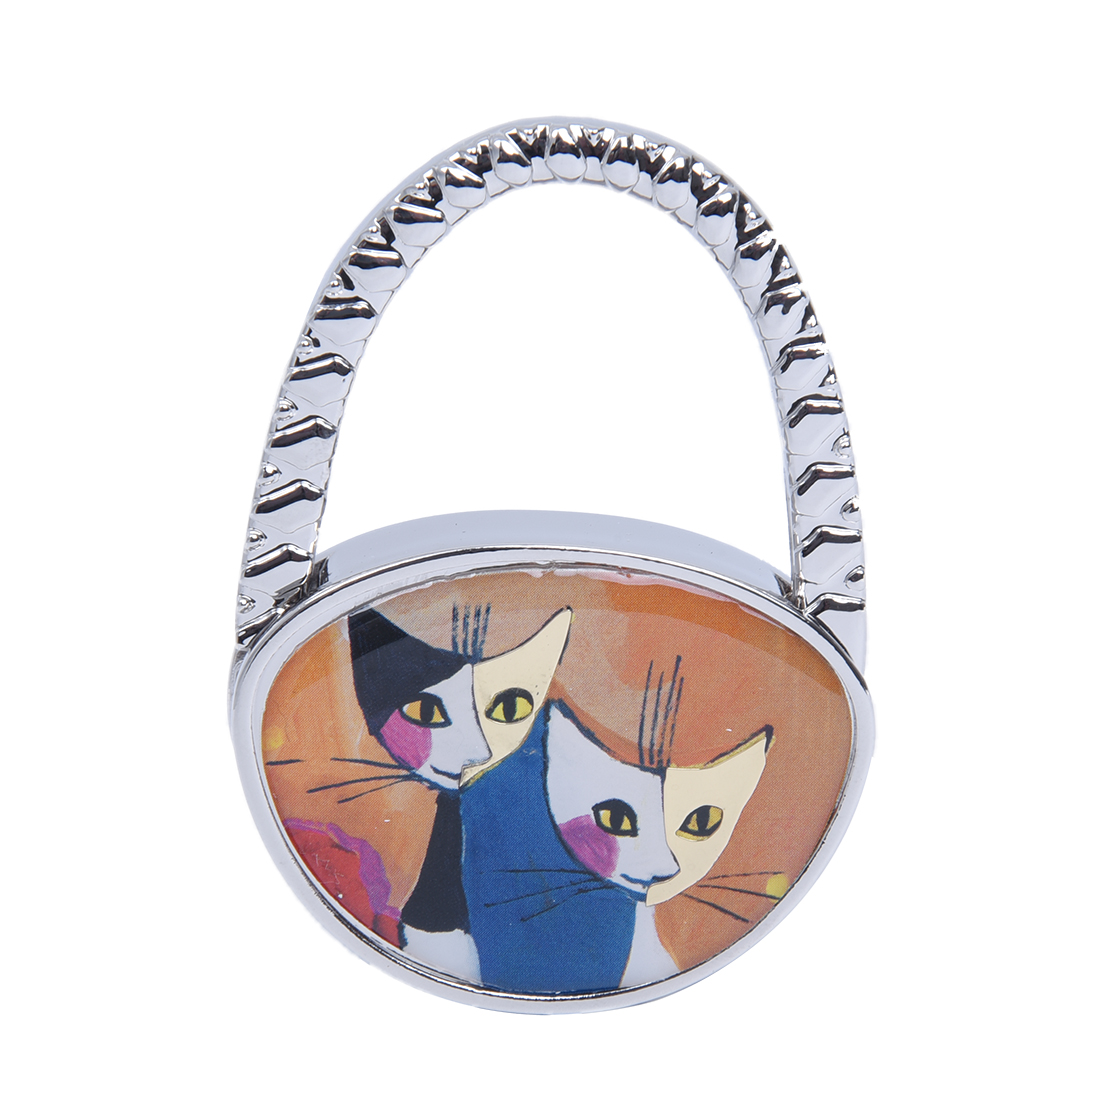 Metal Handbag Holder Bag Holder Bag Hook Oval Hangers